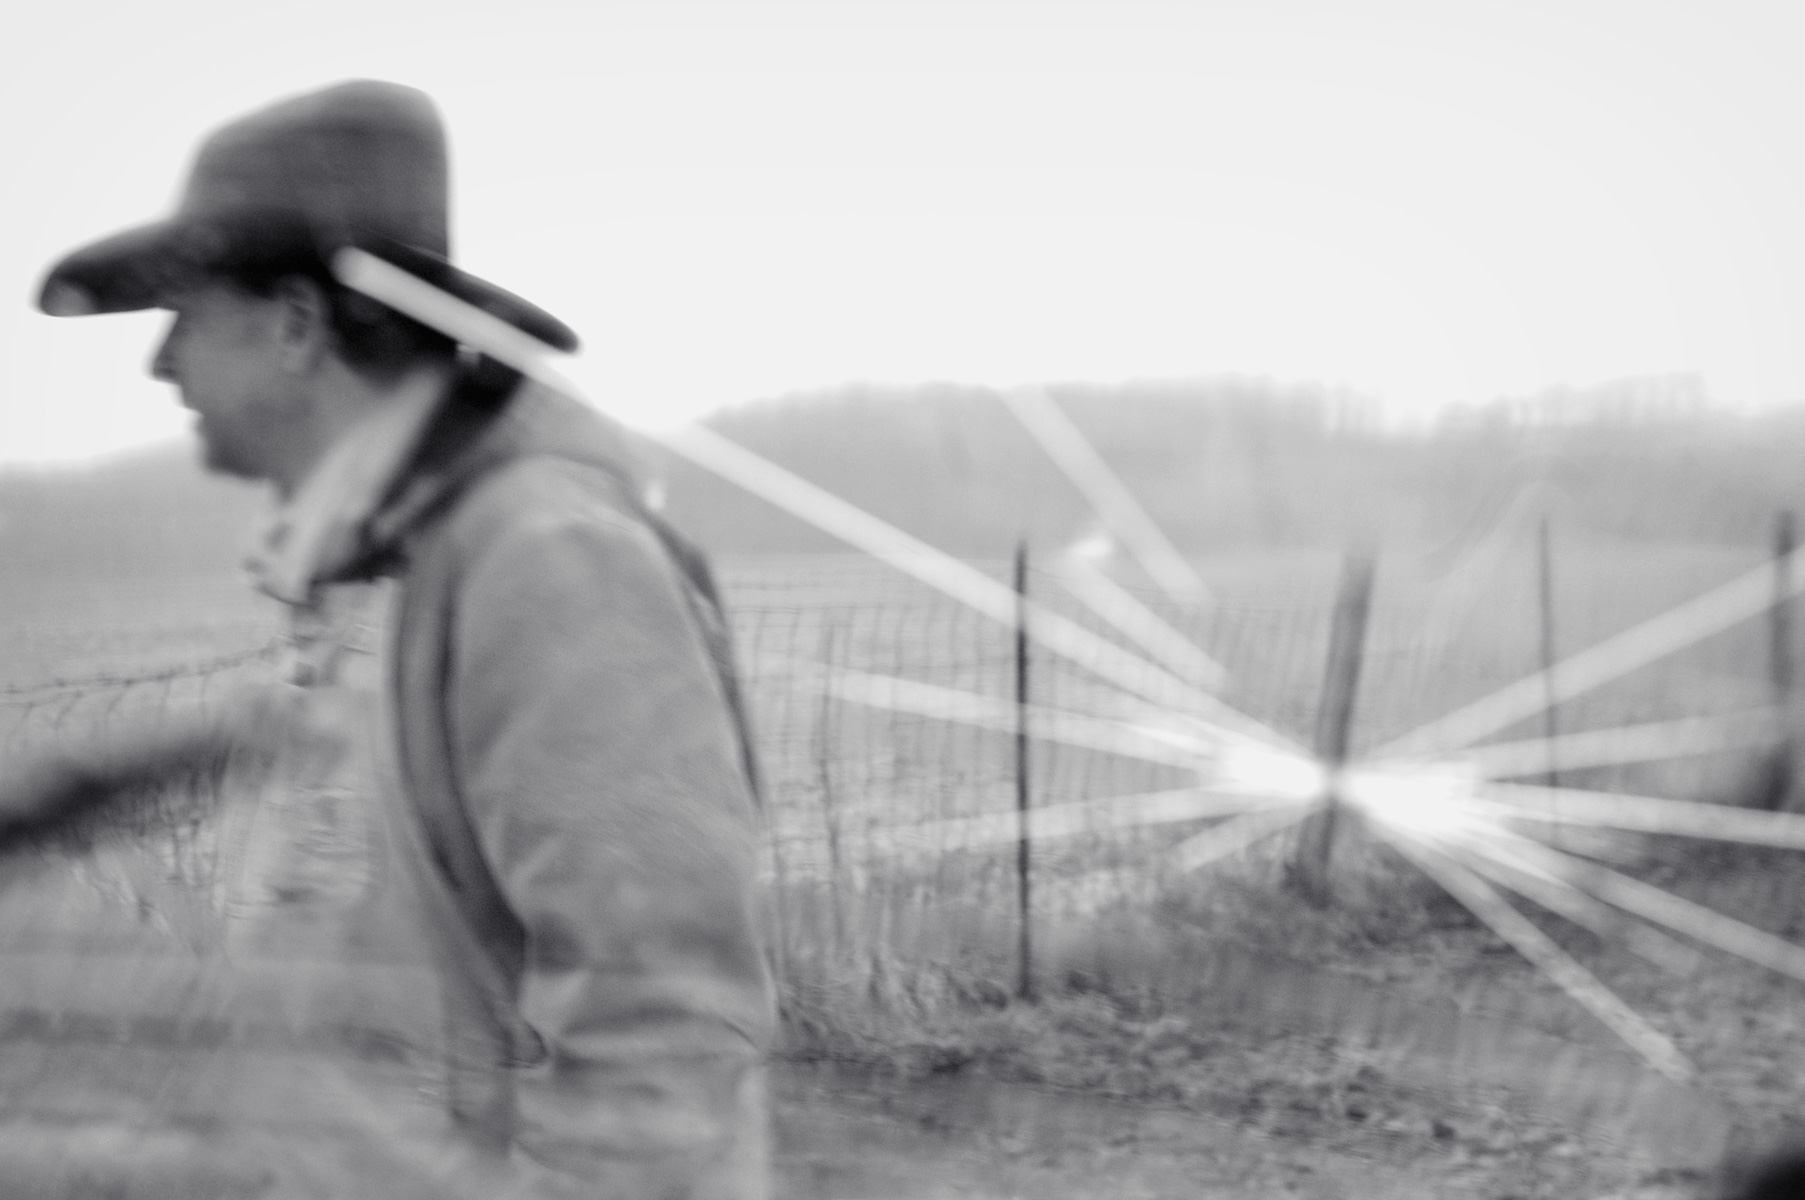 farmer-field-crack-1.jpg